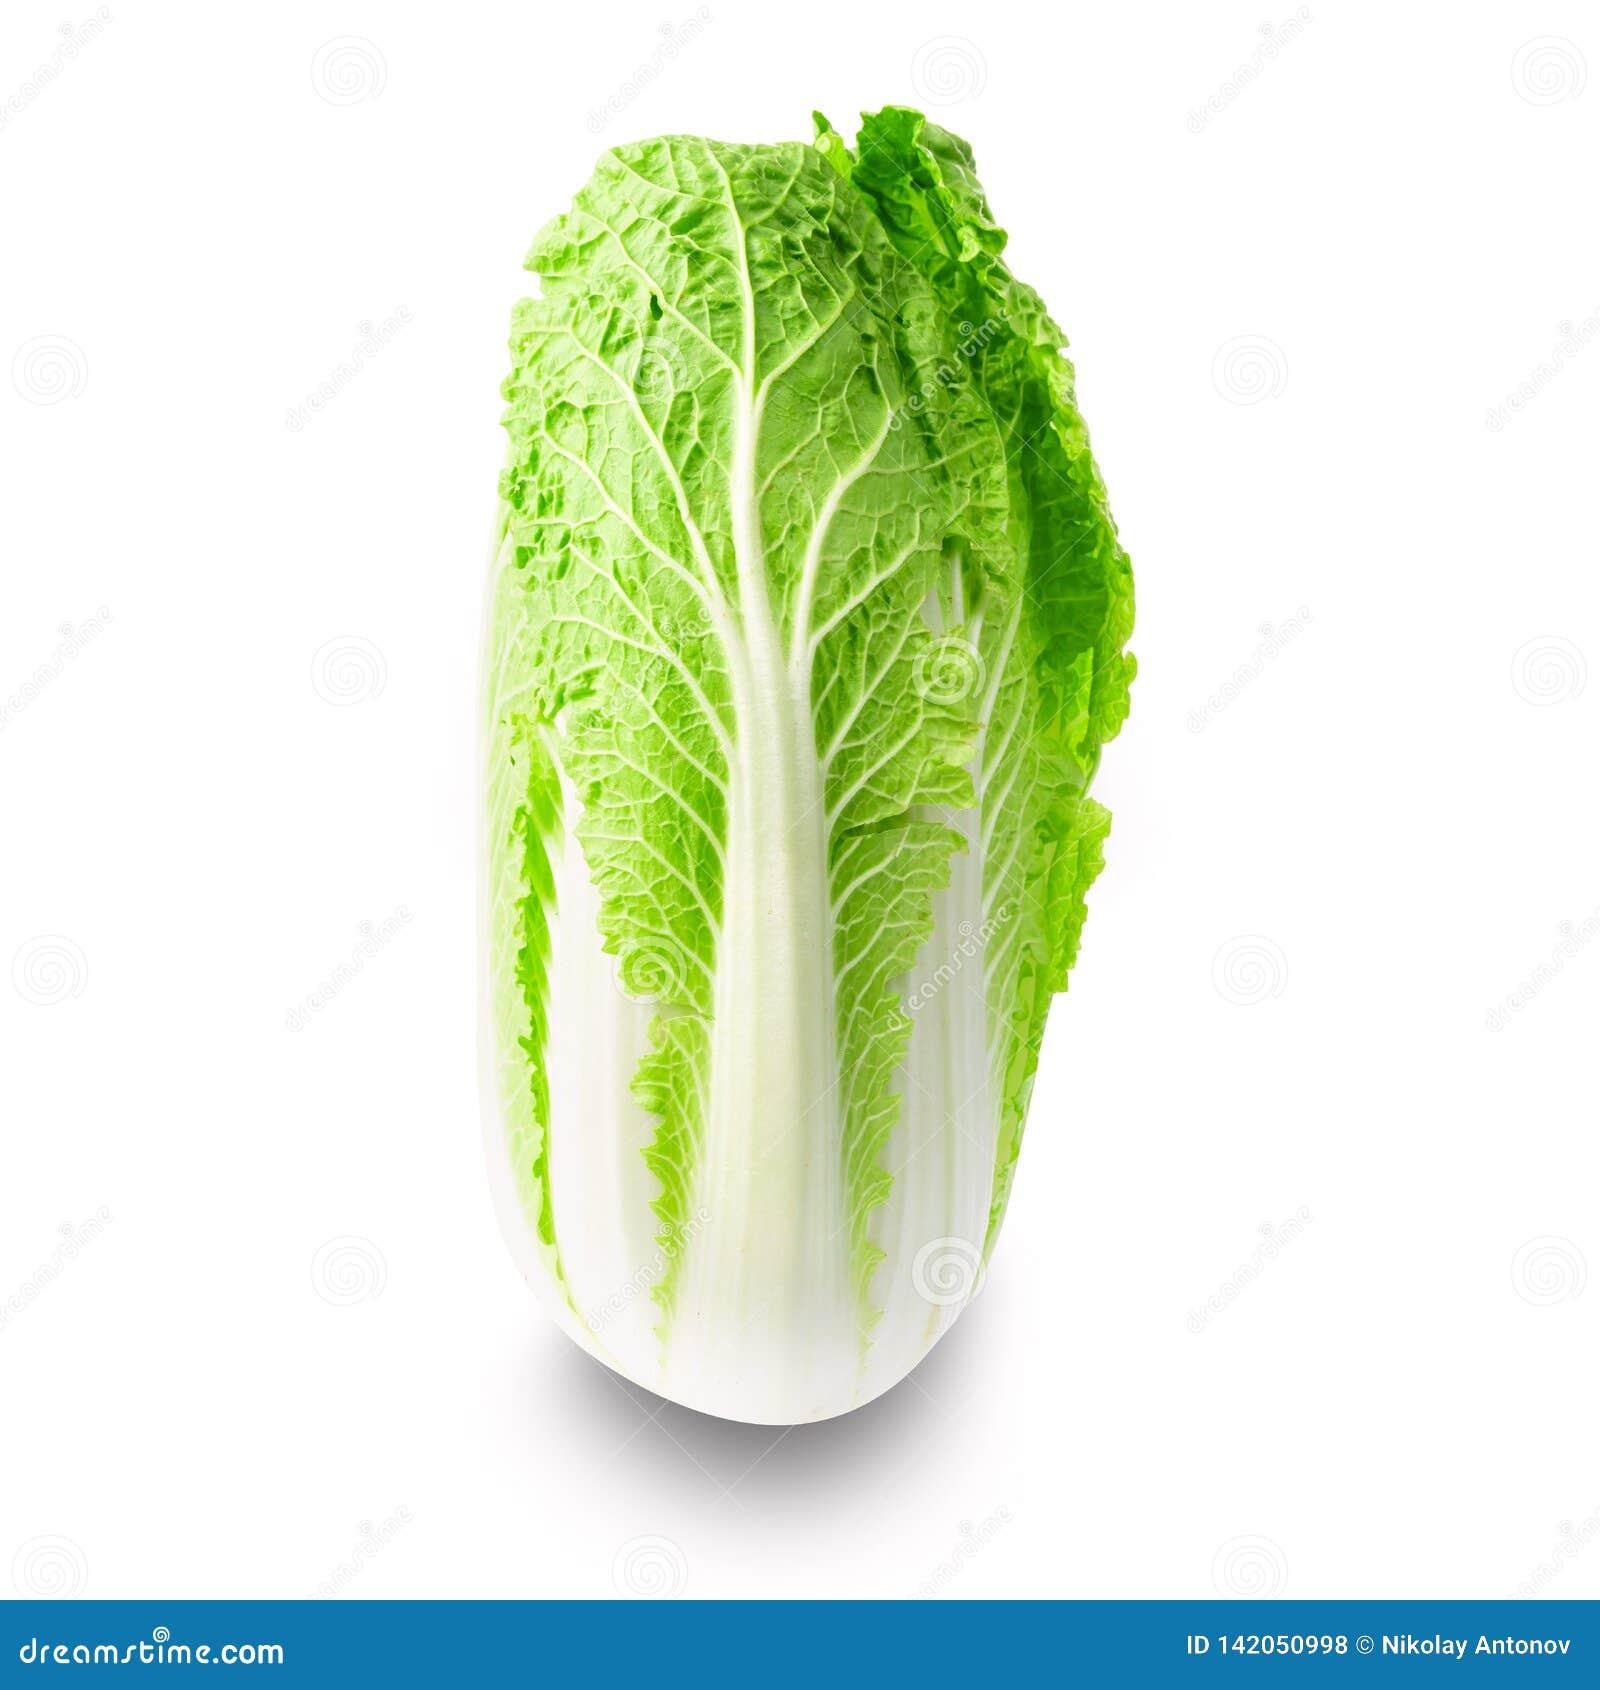 Fresh chinese napa cabbage isolated on white background